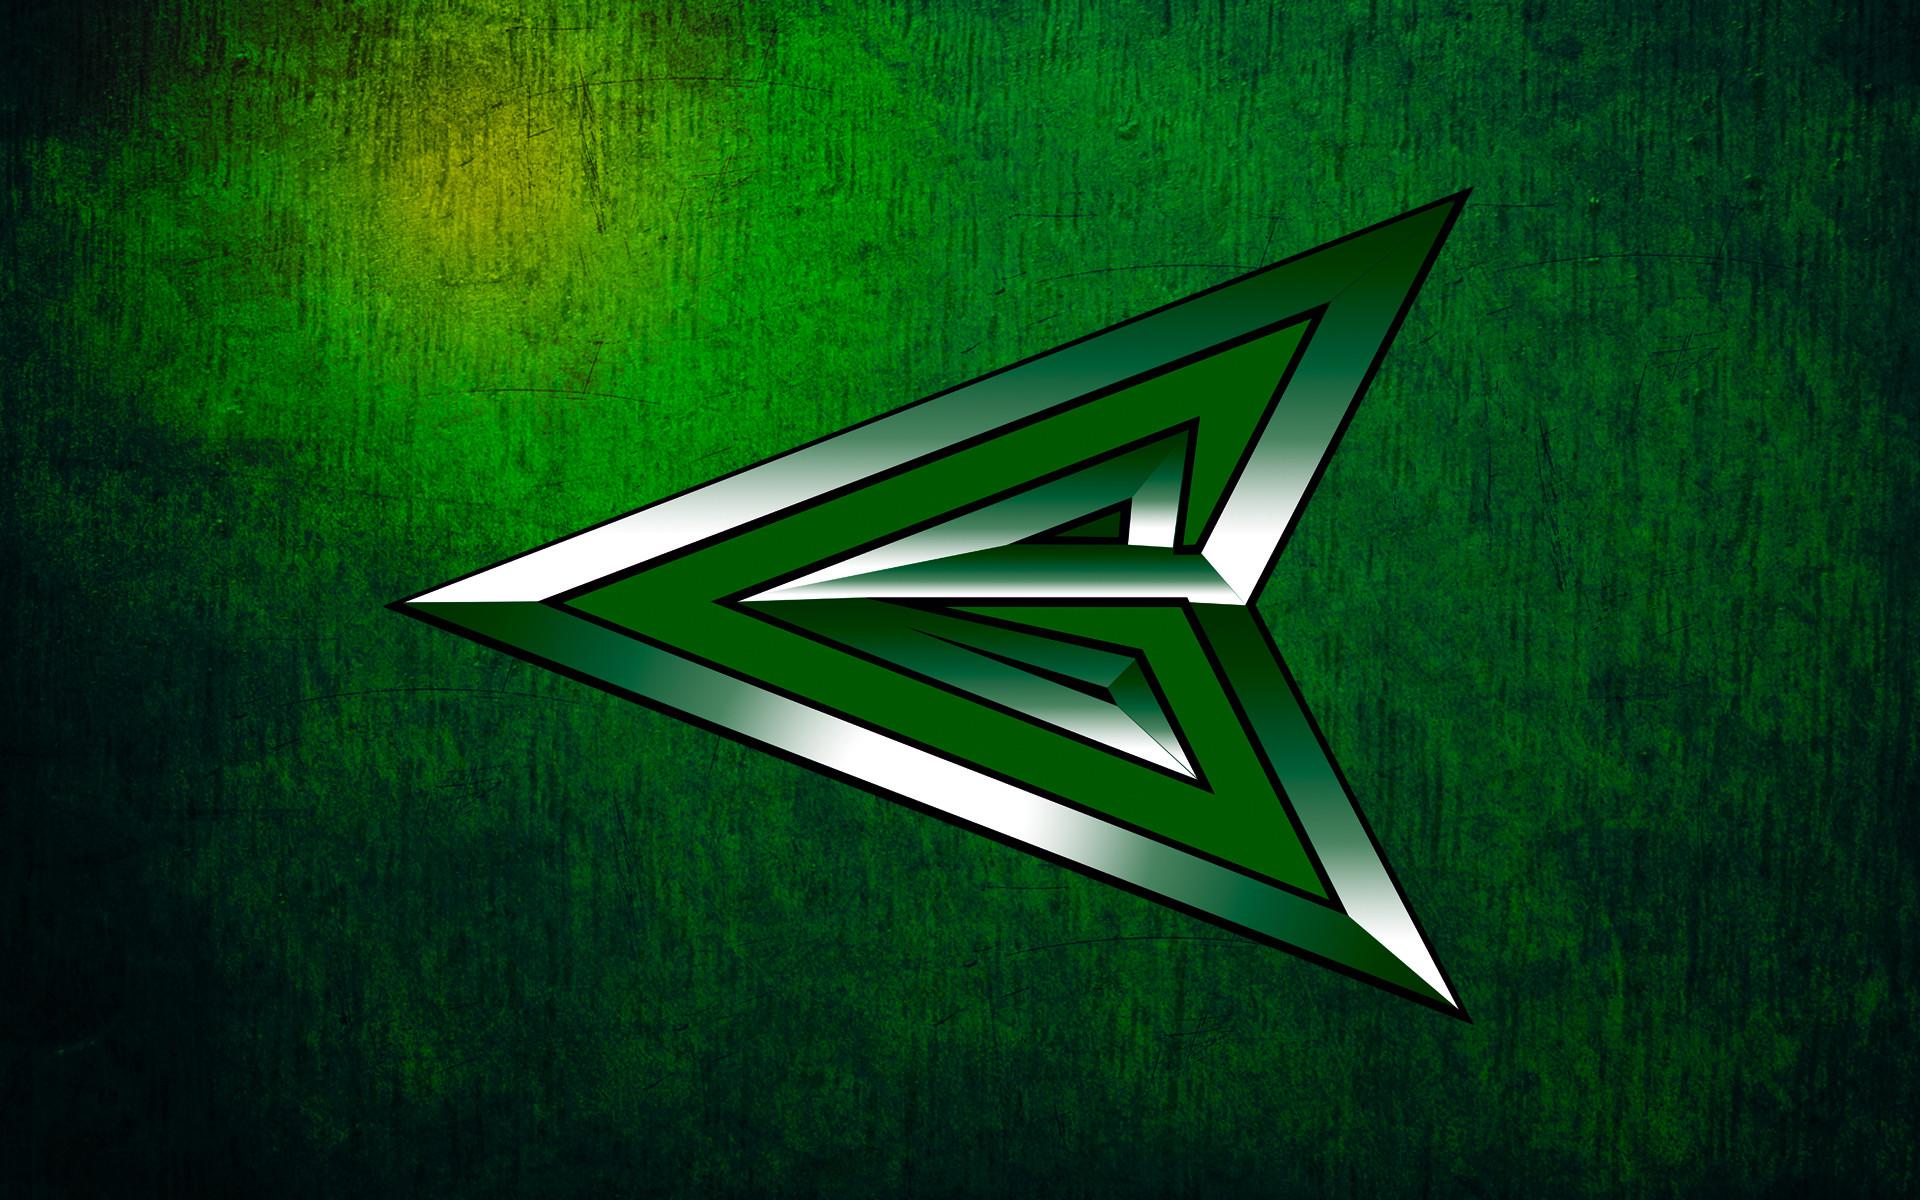 Green Arrow Computer Wallpapers, Desktop Backgrounds | | ID .